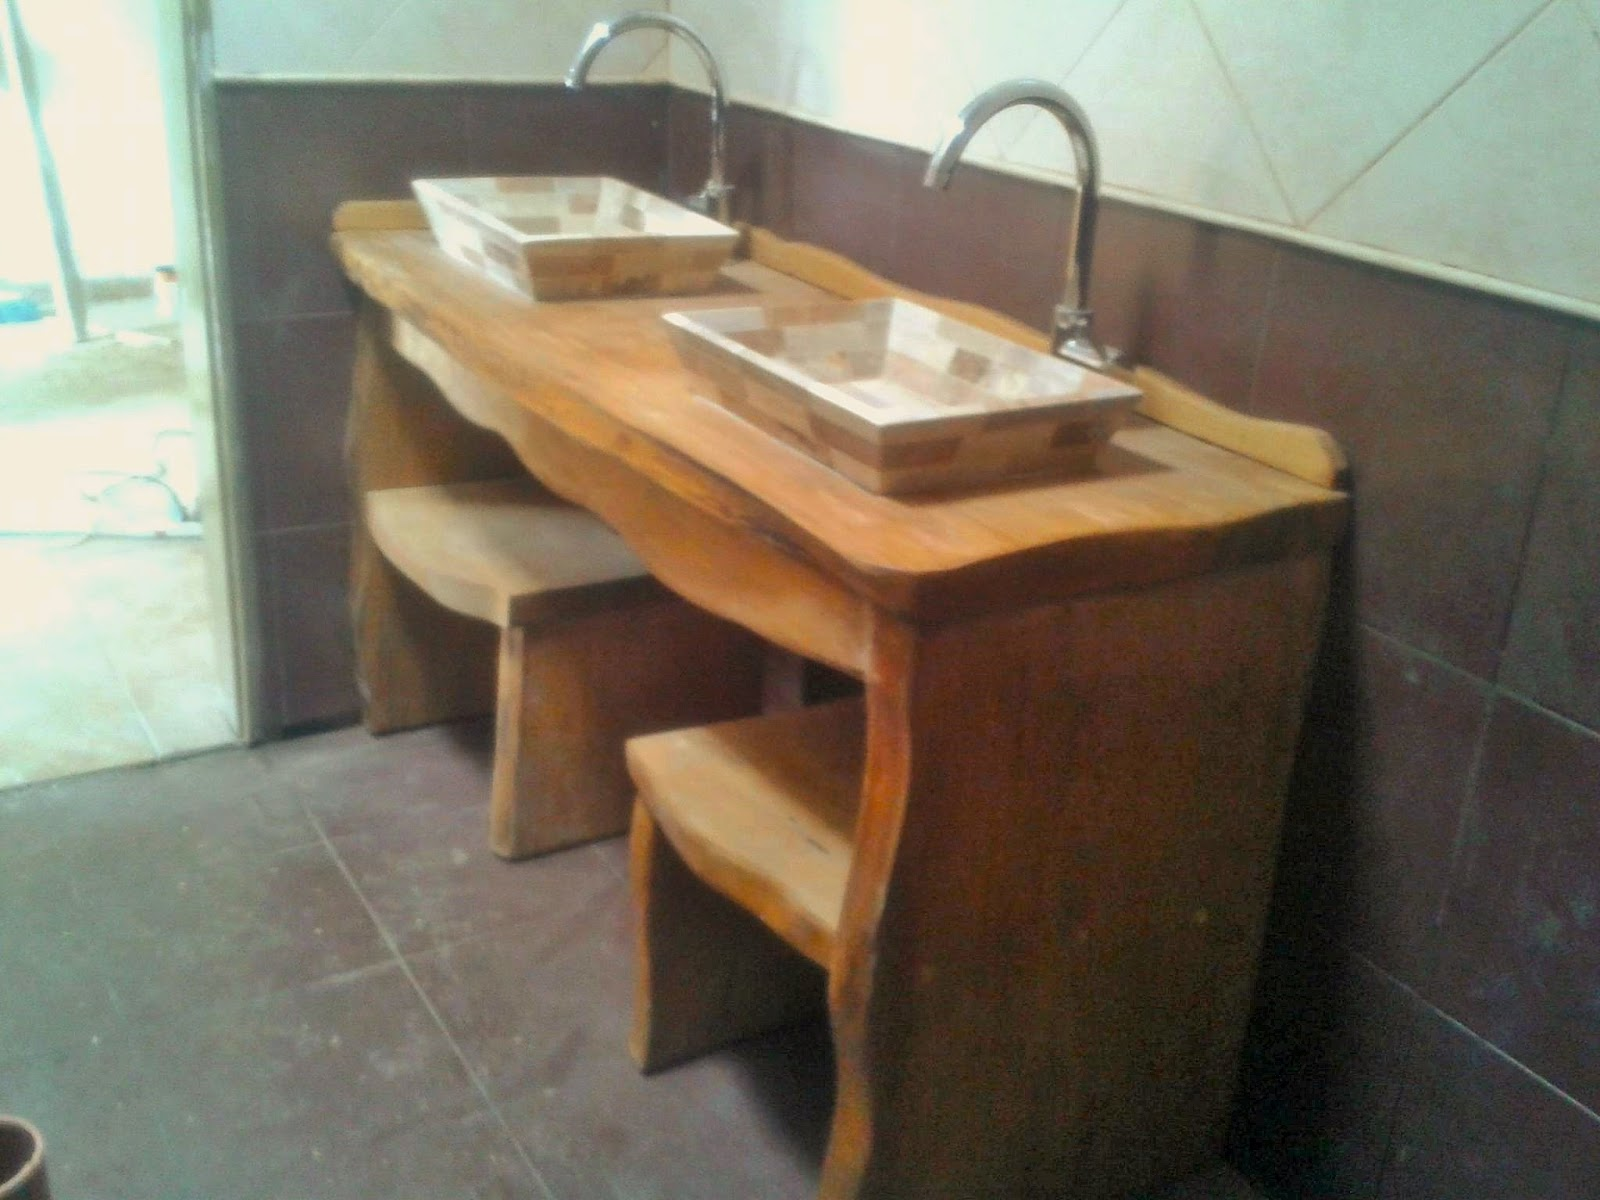 Arte rustika muebles rusticos artesanales vanitorys for Muebles vanitorios rusticos